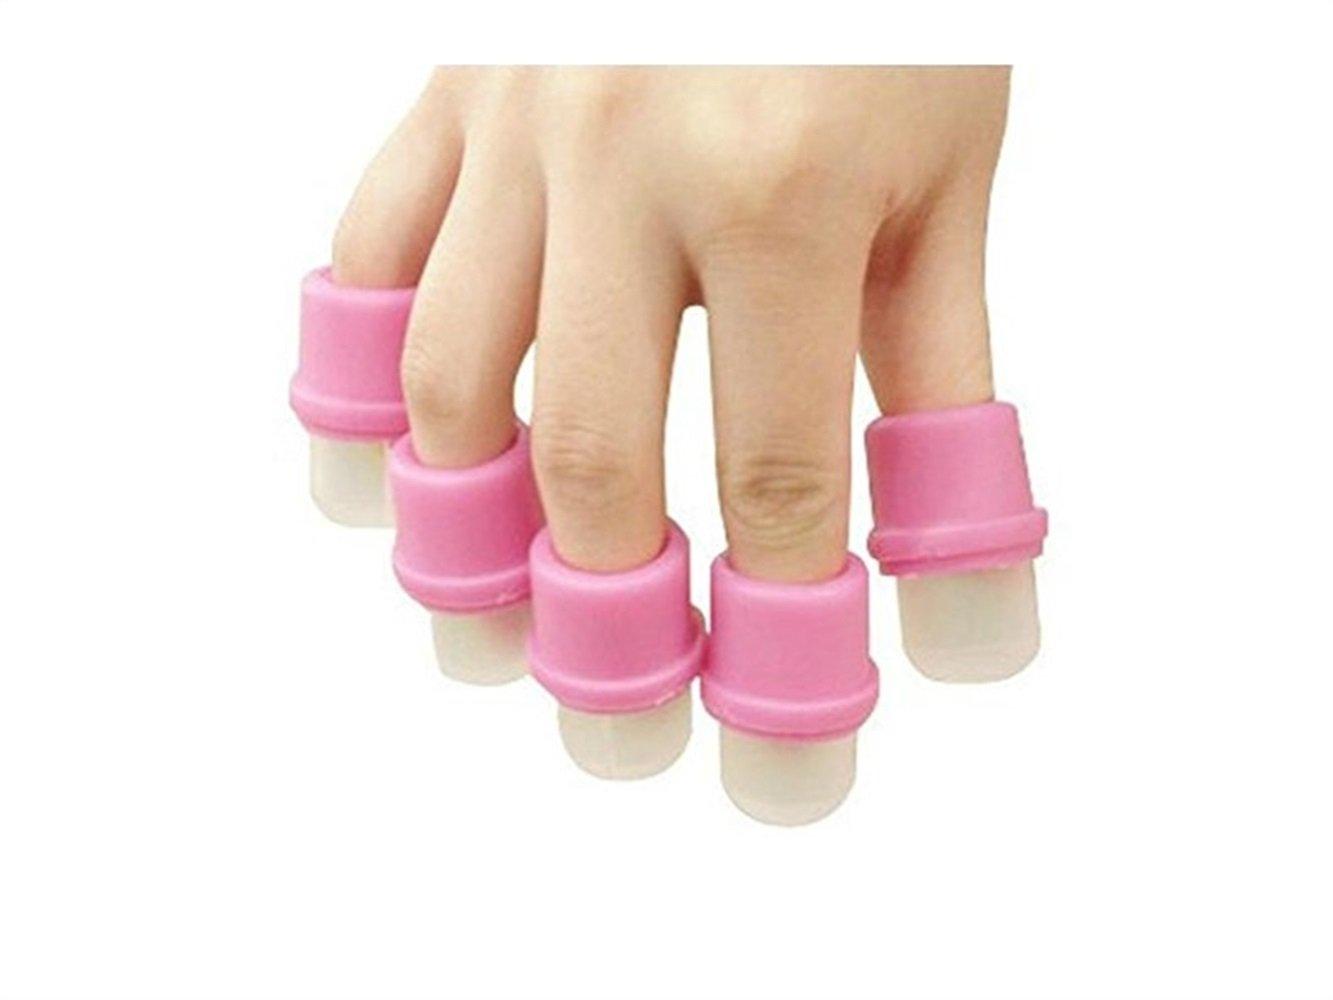 LMKIJN Juego de removedor de uñas PCS Remover Conjunto de Dedos Juego de uñas Especial Remover Herramienta para uñas (Rosa): Amazon.es: Hogar